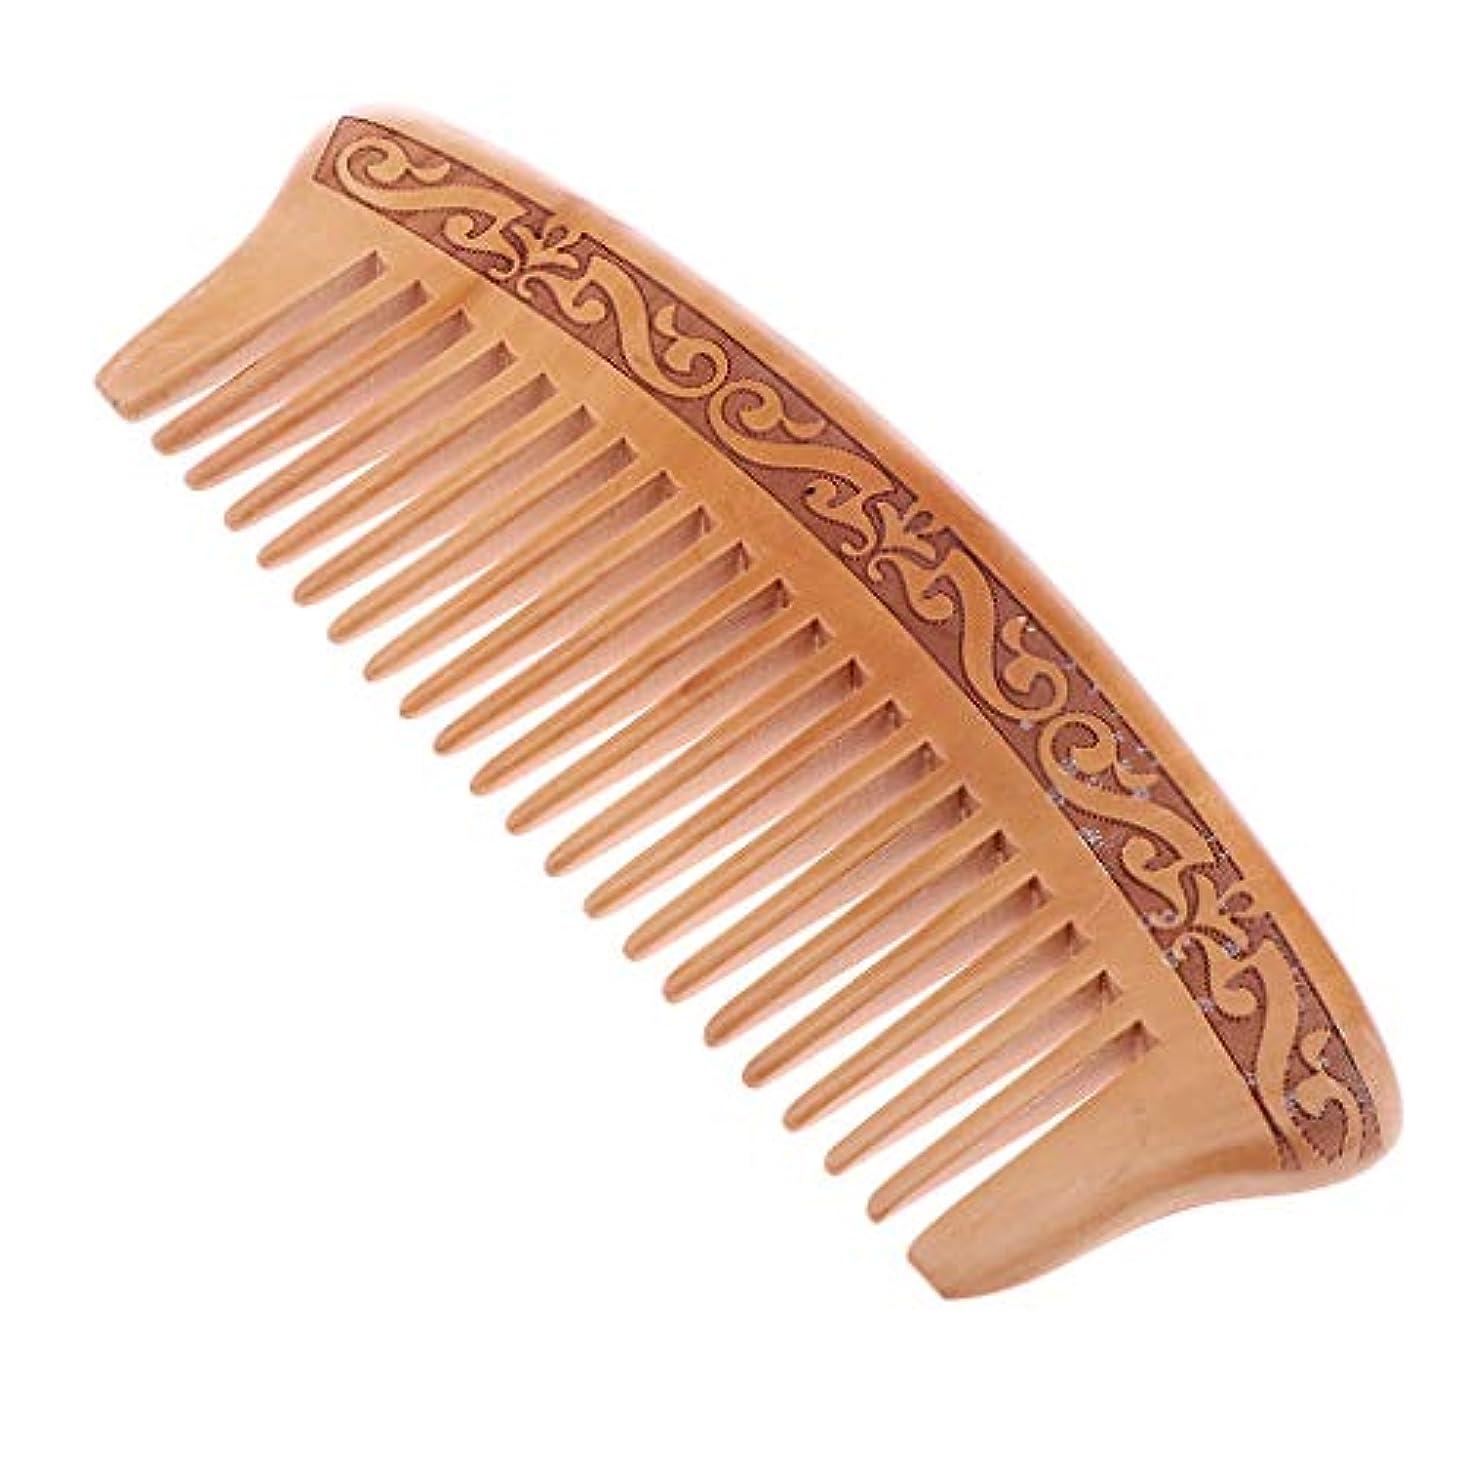 機械的に頑固な回想木製櫛 コーム ヘアブラシ 静電気防止 頭皮マッサージ 快適 5タイプ選べ - J16e